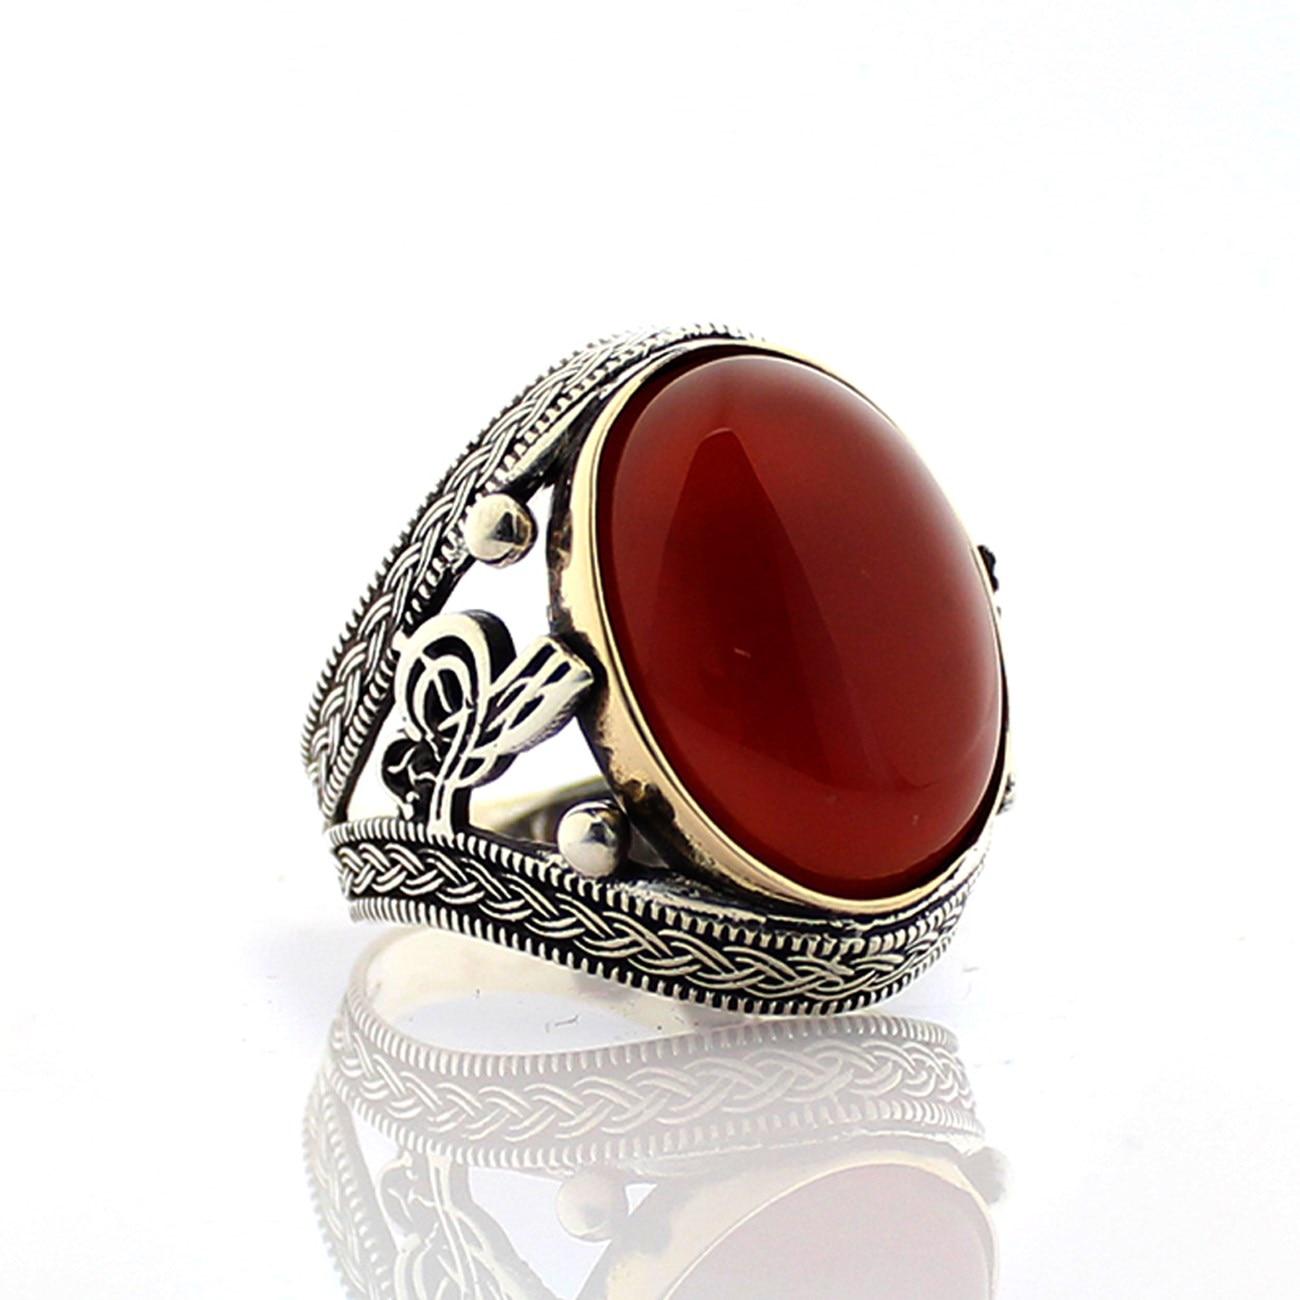 925 bague en argent Sterling pour hommes rouge Aqeq pierre bijoux mode vintage Onyx Zircon cadeau hommes anneaux toutes les tailles (fabriqué en turquie) - 2